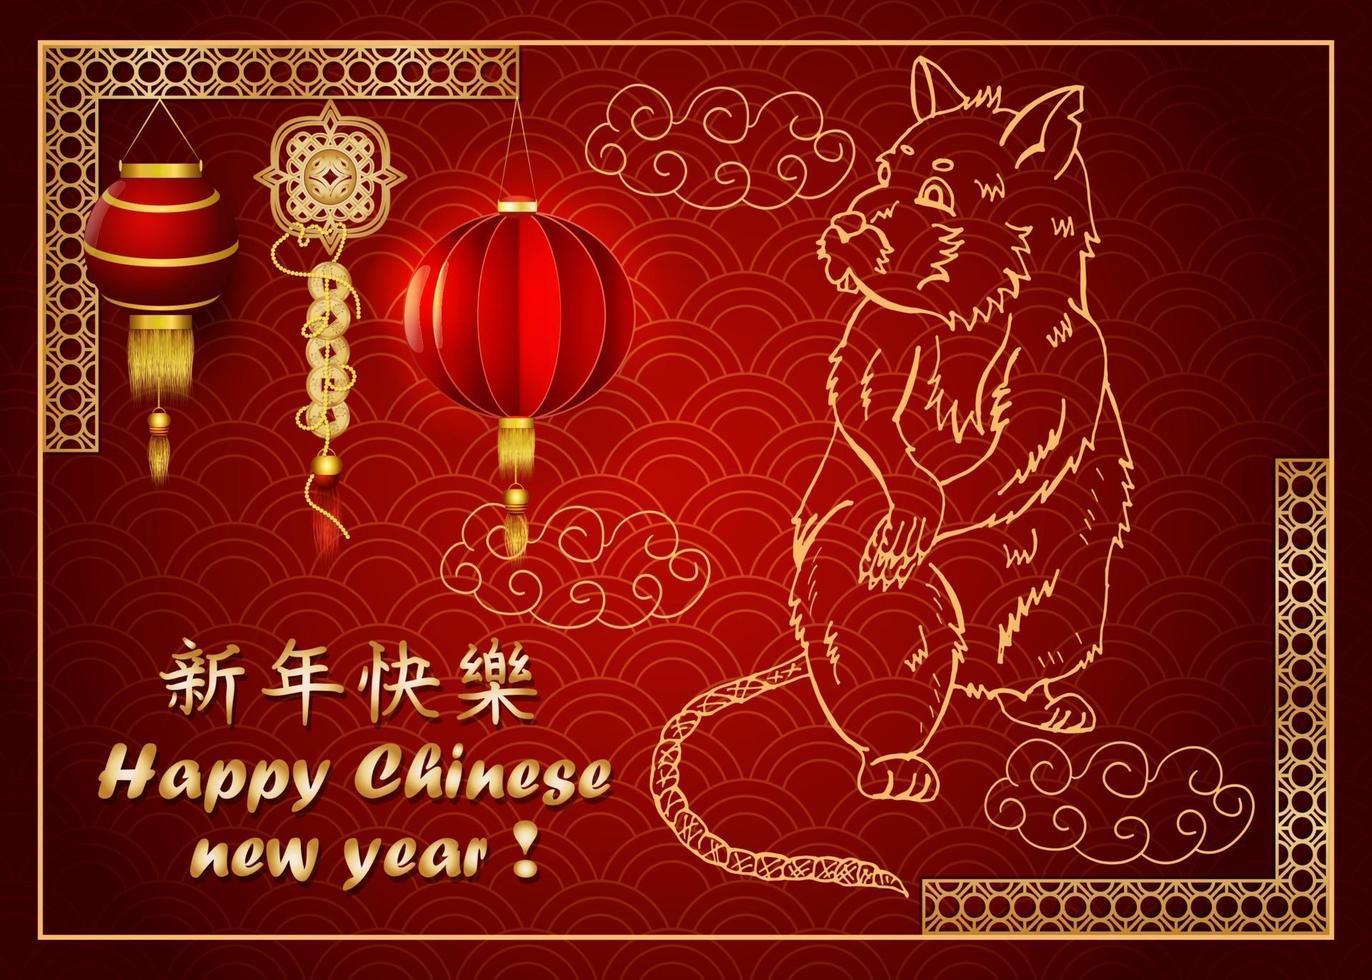 röda och guldfärger på temat för det kinesiska nyåret vektor